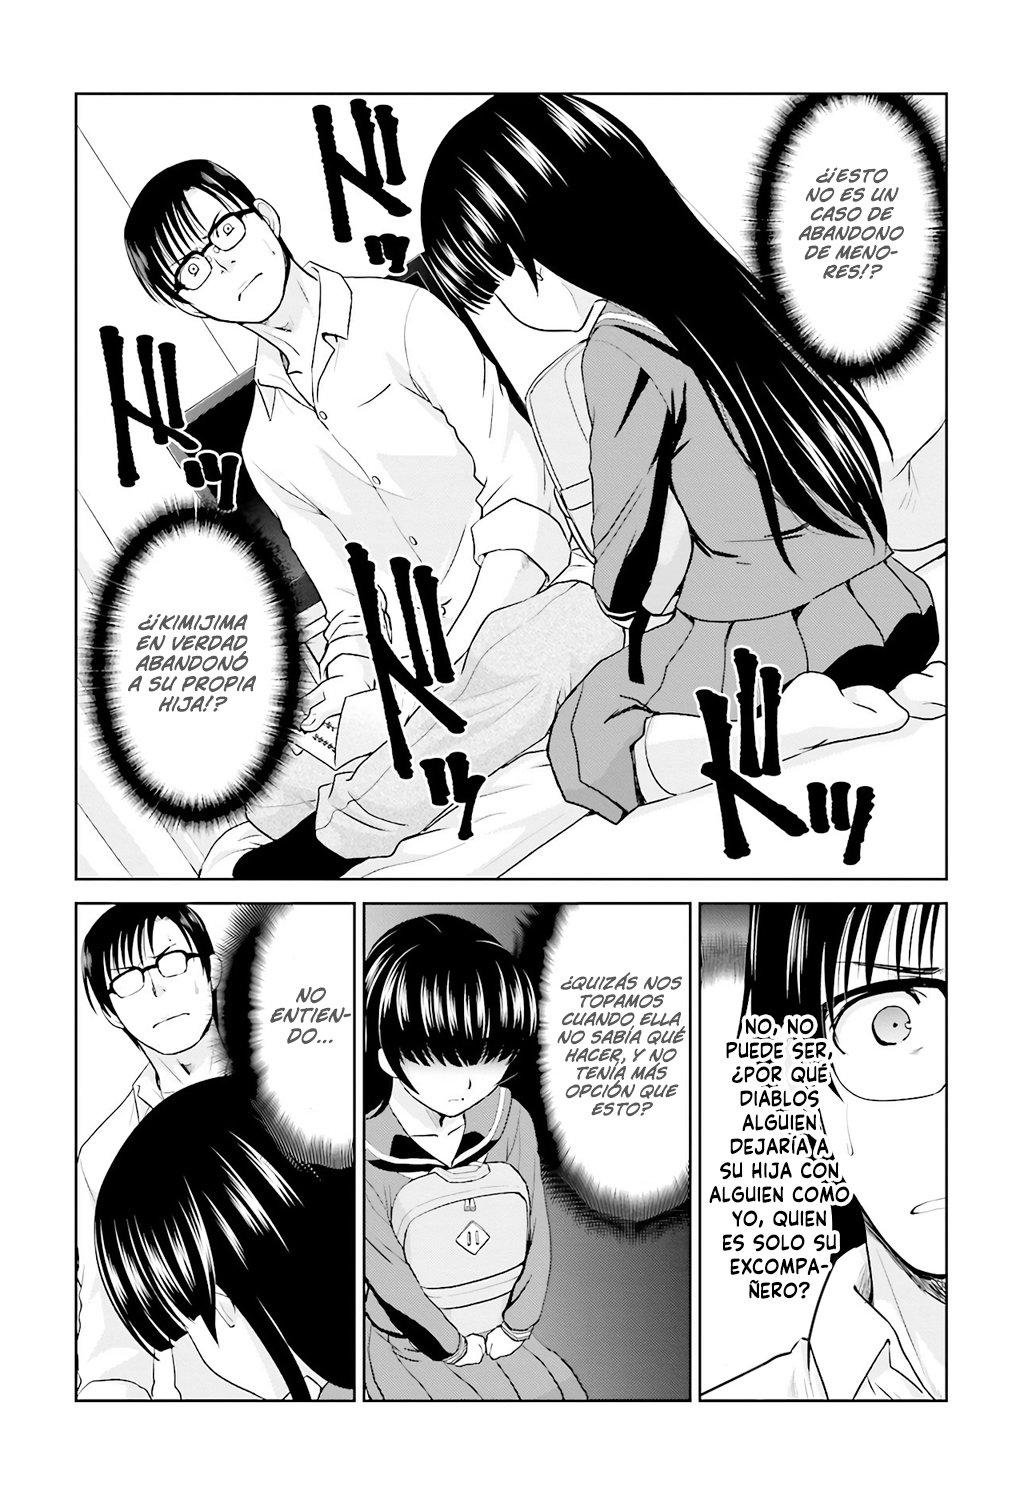 https://nine.mangadogs.com/es_manga/pic8/48/36656/946258/77b7032b2e237ae78e3c520b9a0fd5fa.jpg Page 15